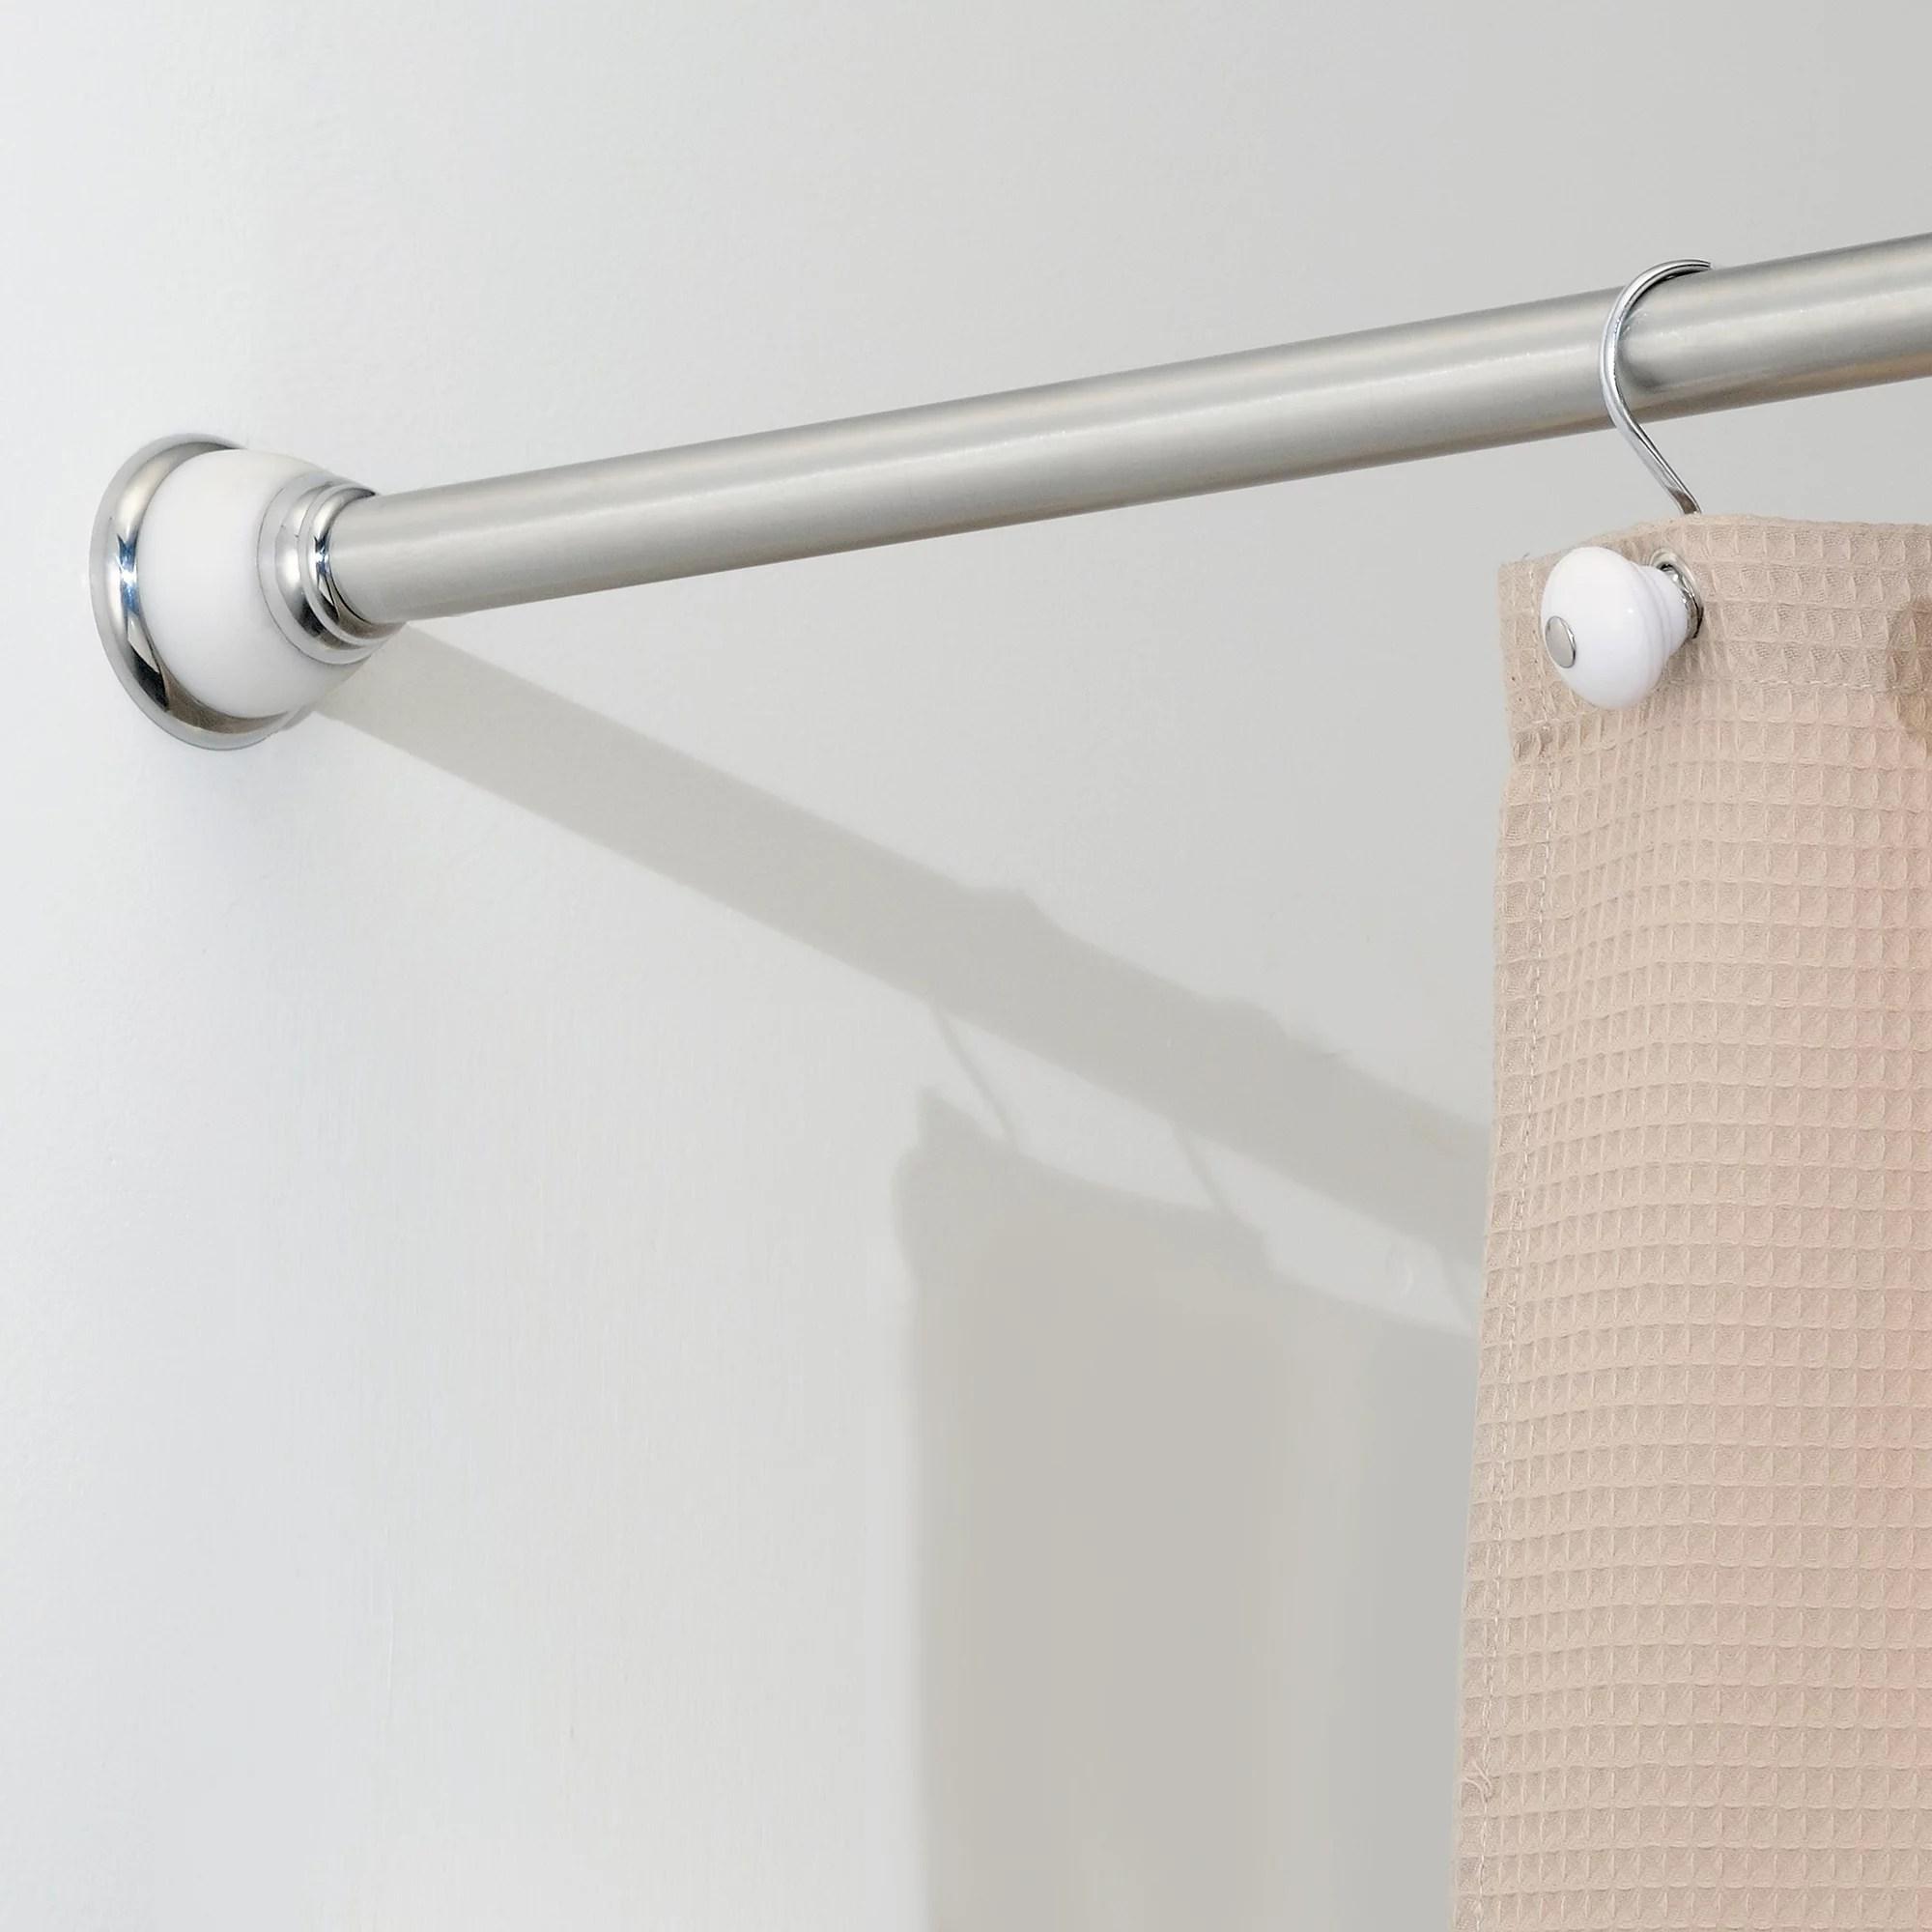 Interdesign York Shower Curtain Tension Rod